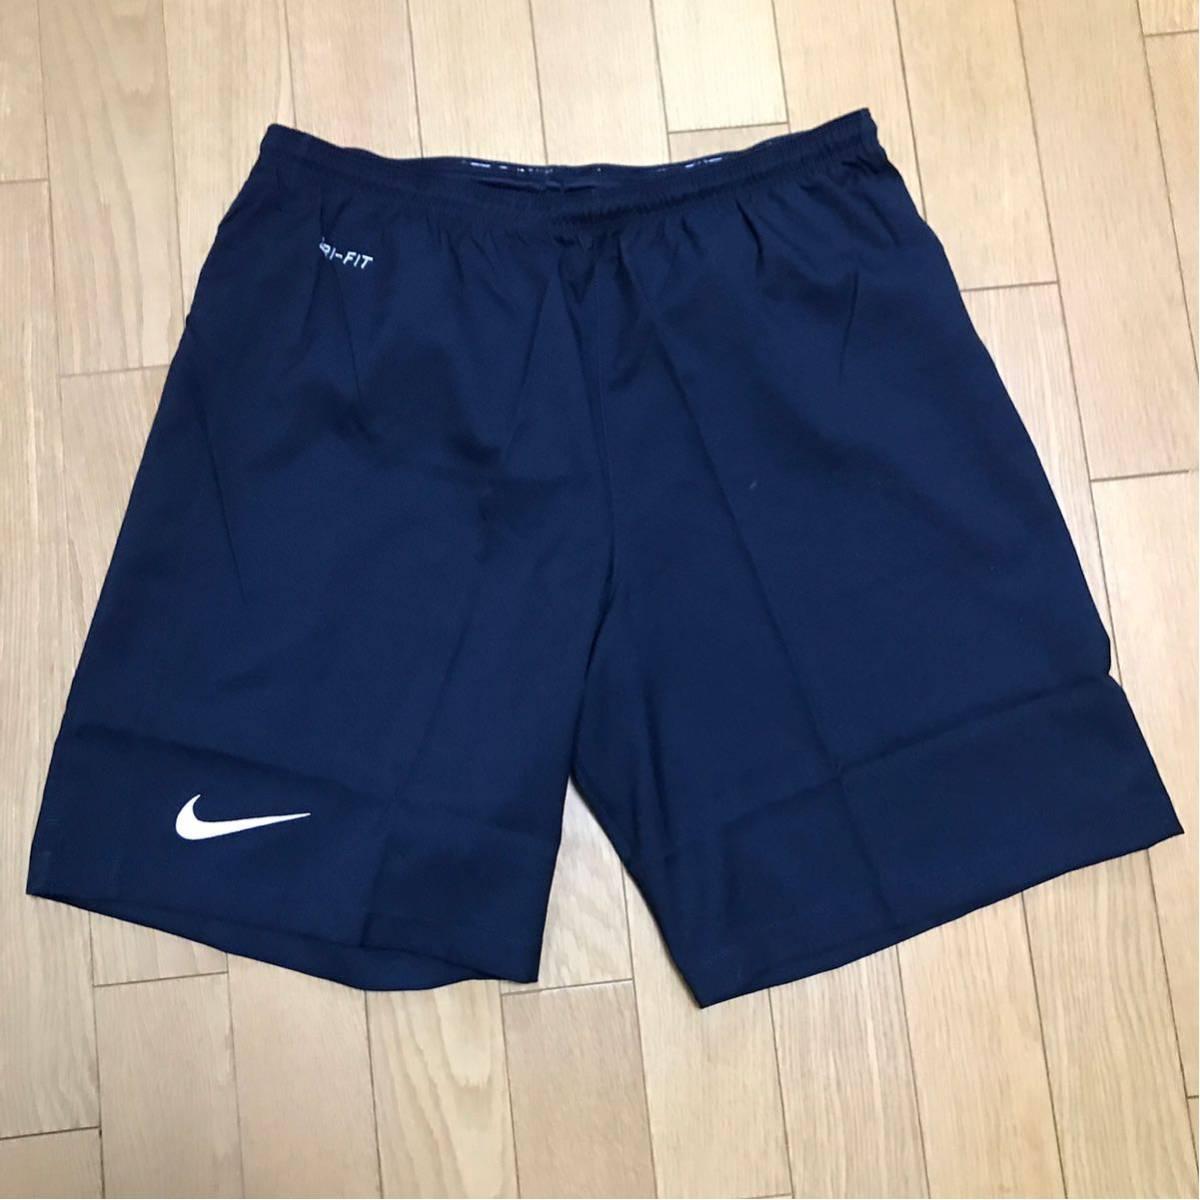 即決レア【鹿島アントラーズ】2015年 選手支給 公式戦用パンツ ACL XLサイズ